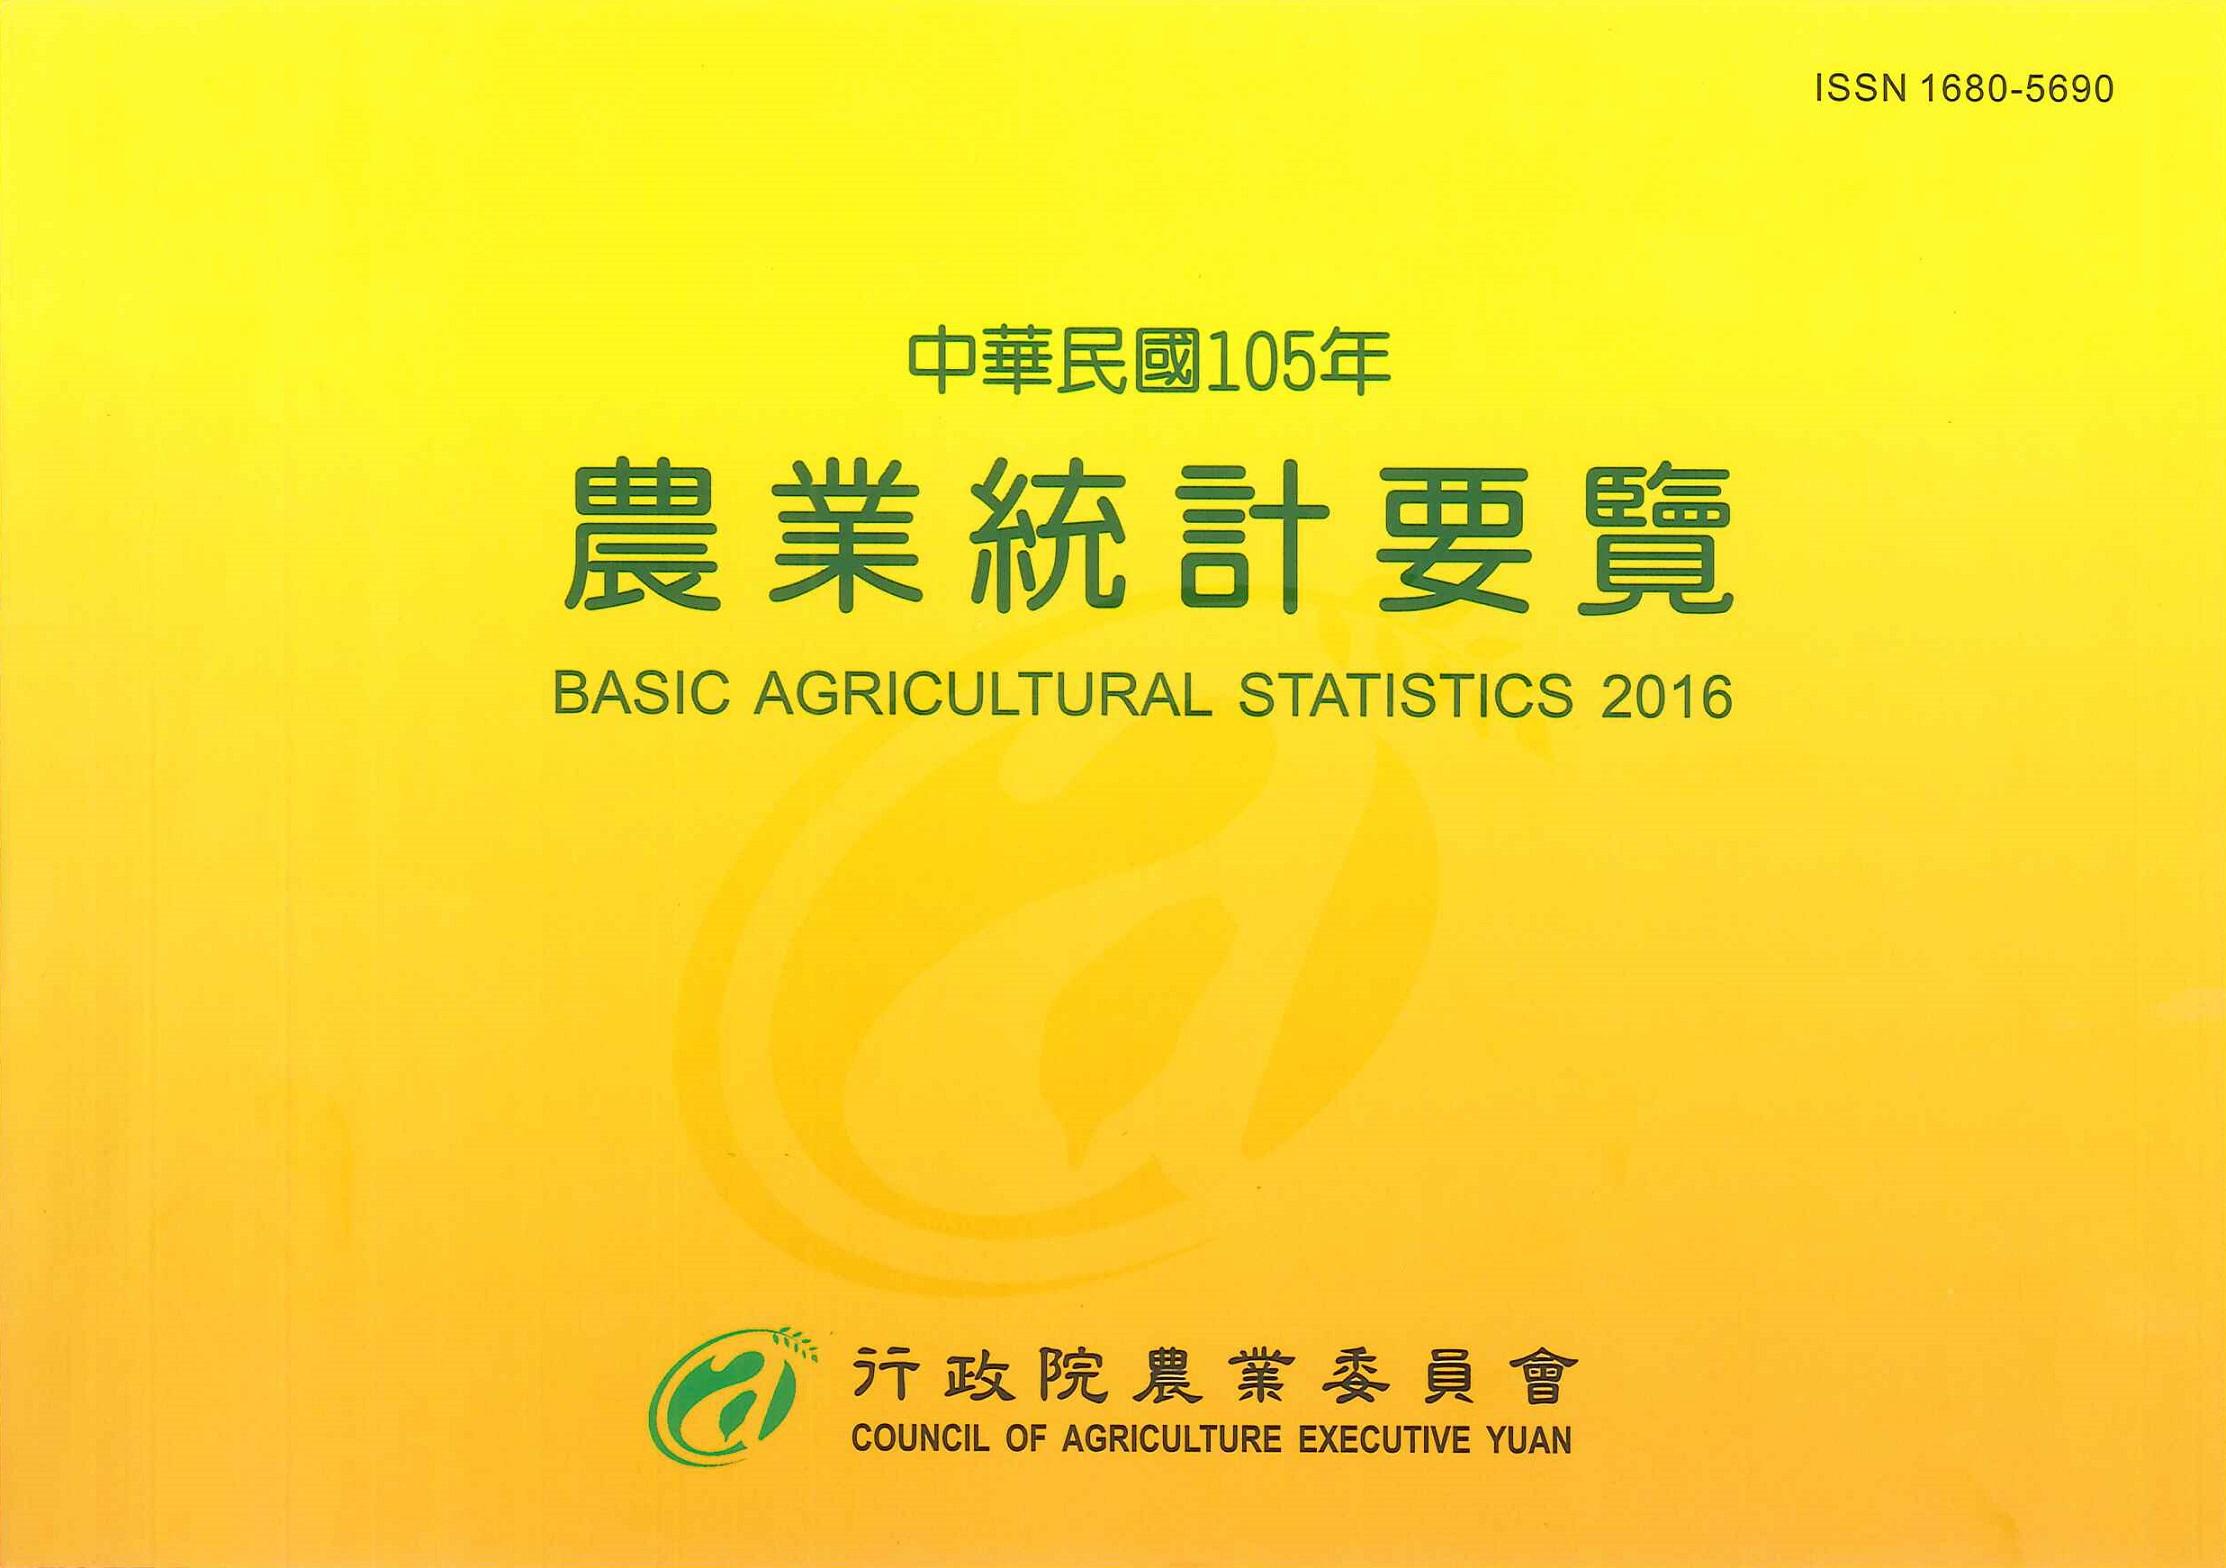 中華民國農業統計要覽=Basic agricultural statistics, Republic of China